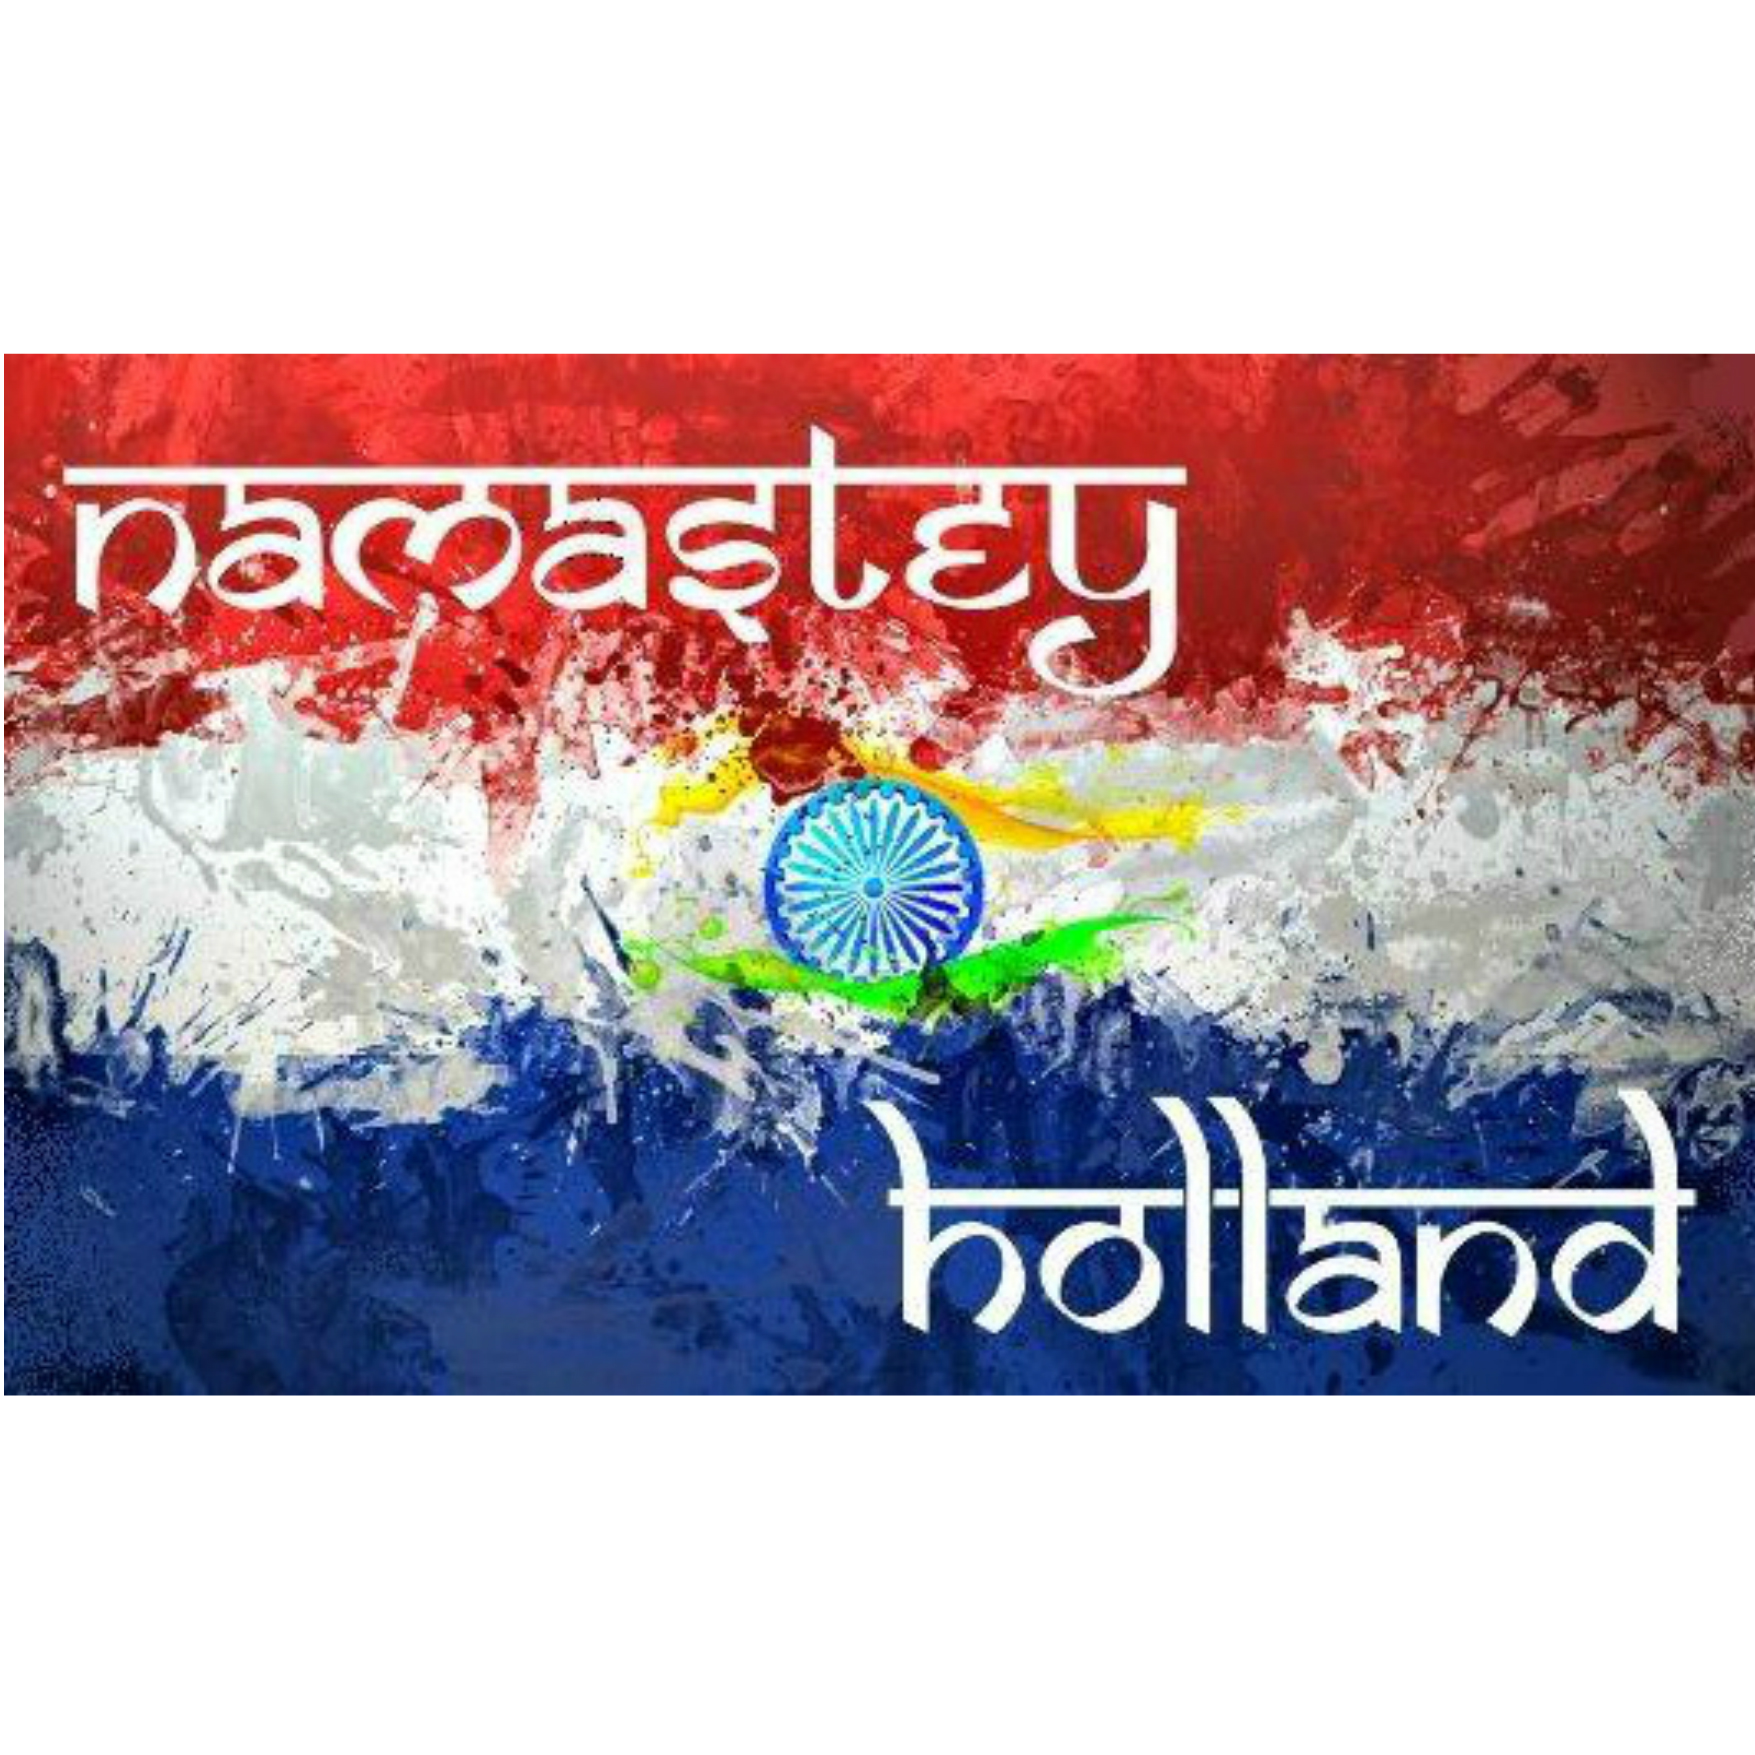 Namastey Holland